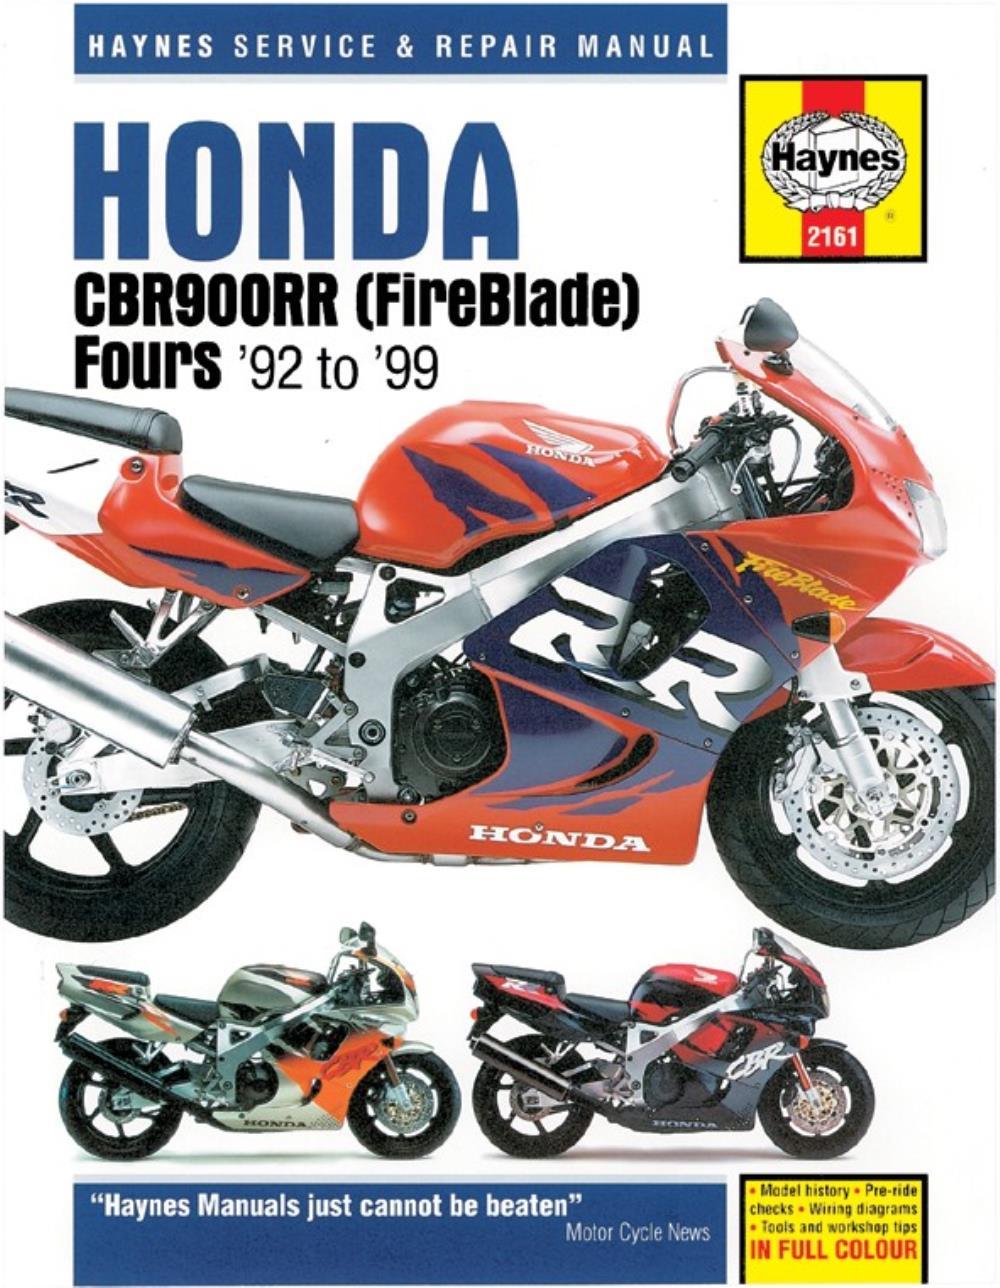 manual haynes for 1997 honda cbr 900 rrv fireblade sc33 918cc ebay rh ebay co uk honda cbr 919 rr fireblade manual honda cbr 900 rr fireblade 1999 manual